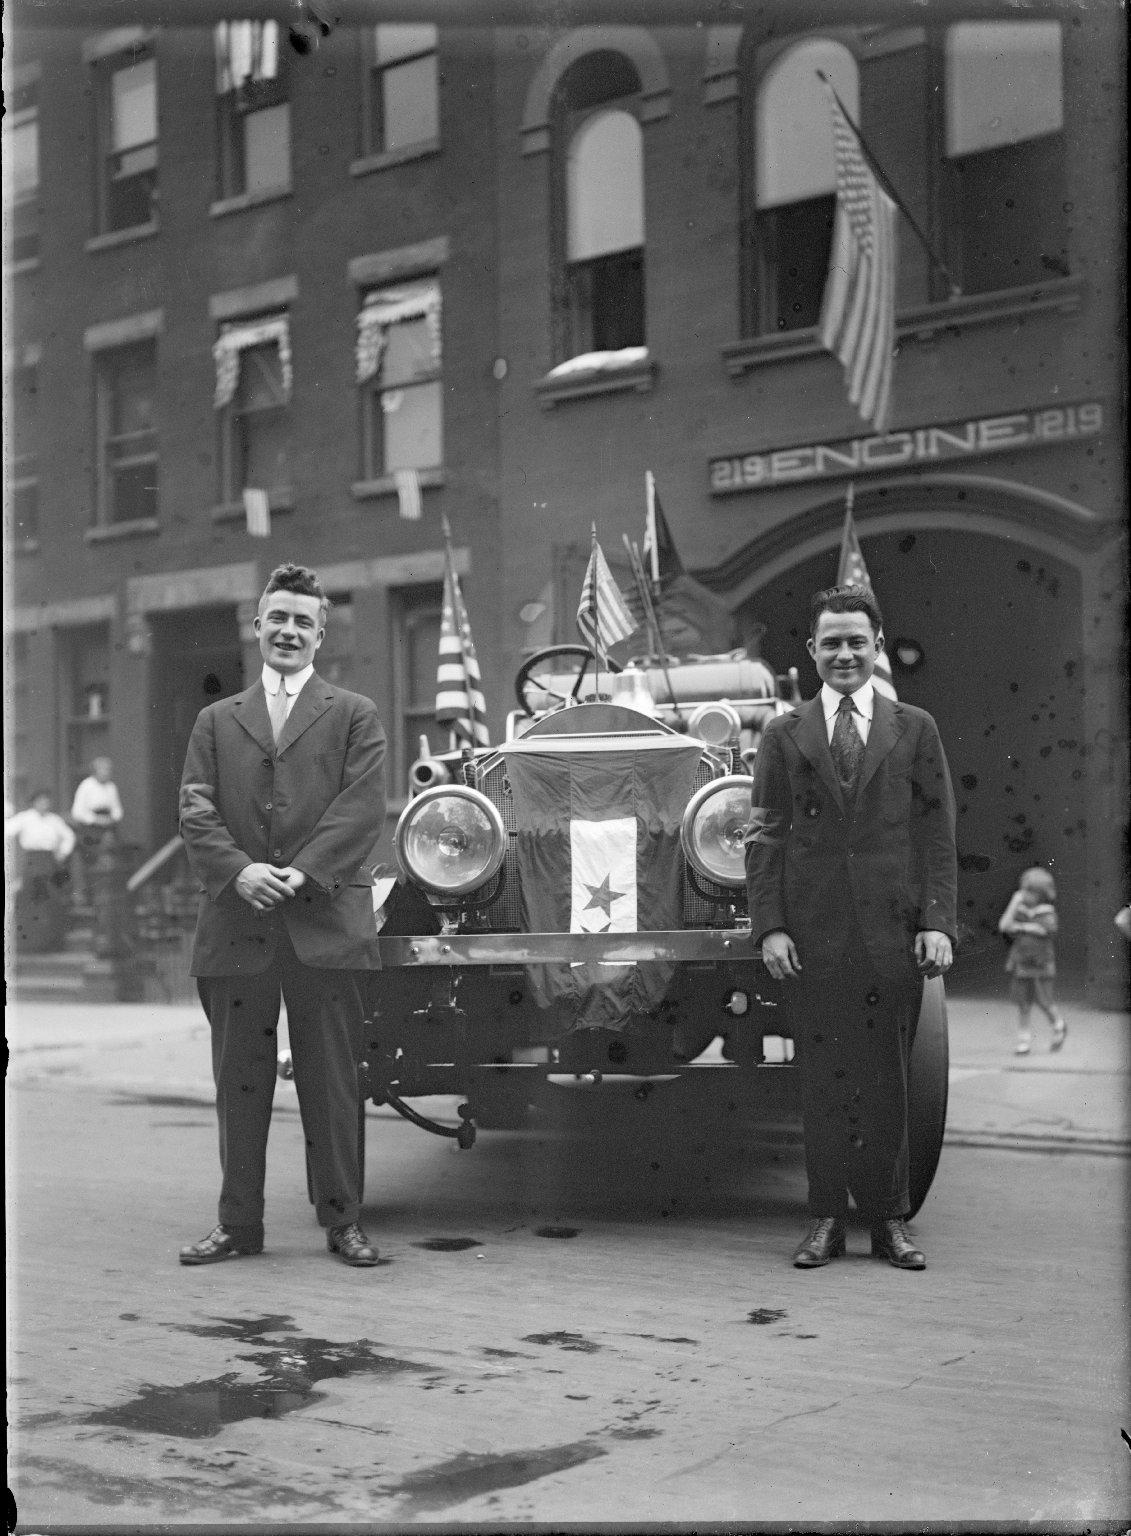 Пожарное депо  № 219, Дин Стрит, 735. Двое мужчин без униформы и пожарный автомобиль. Нью-Йорк, США, начало 20 века